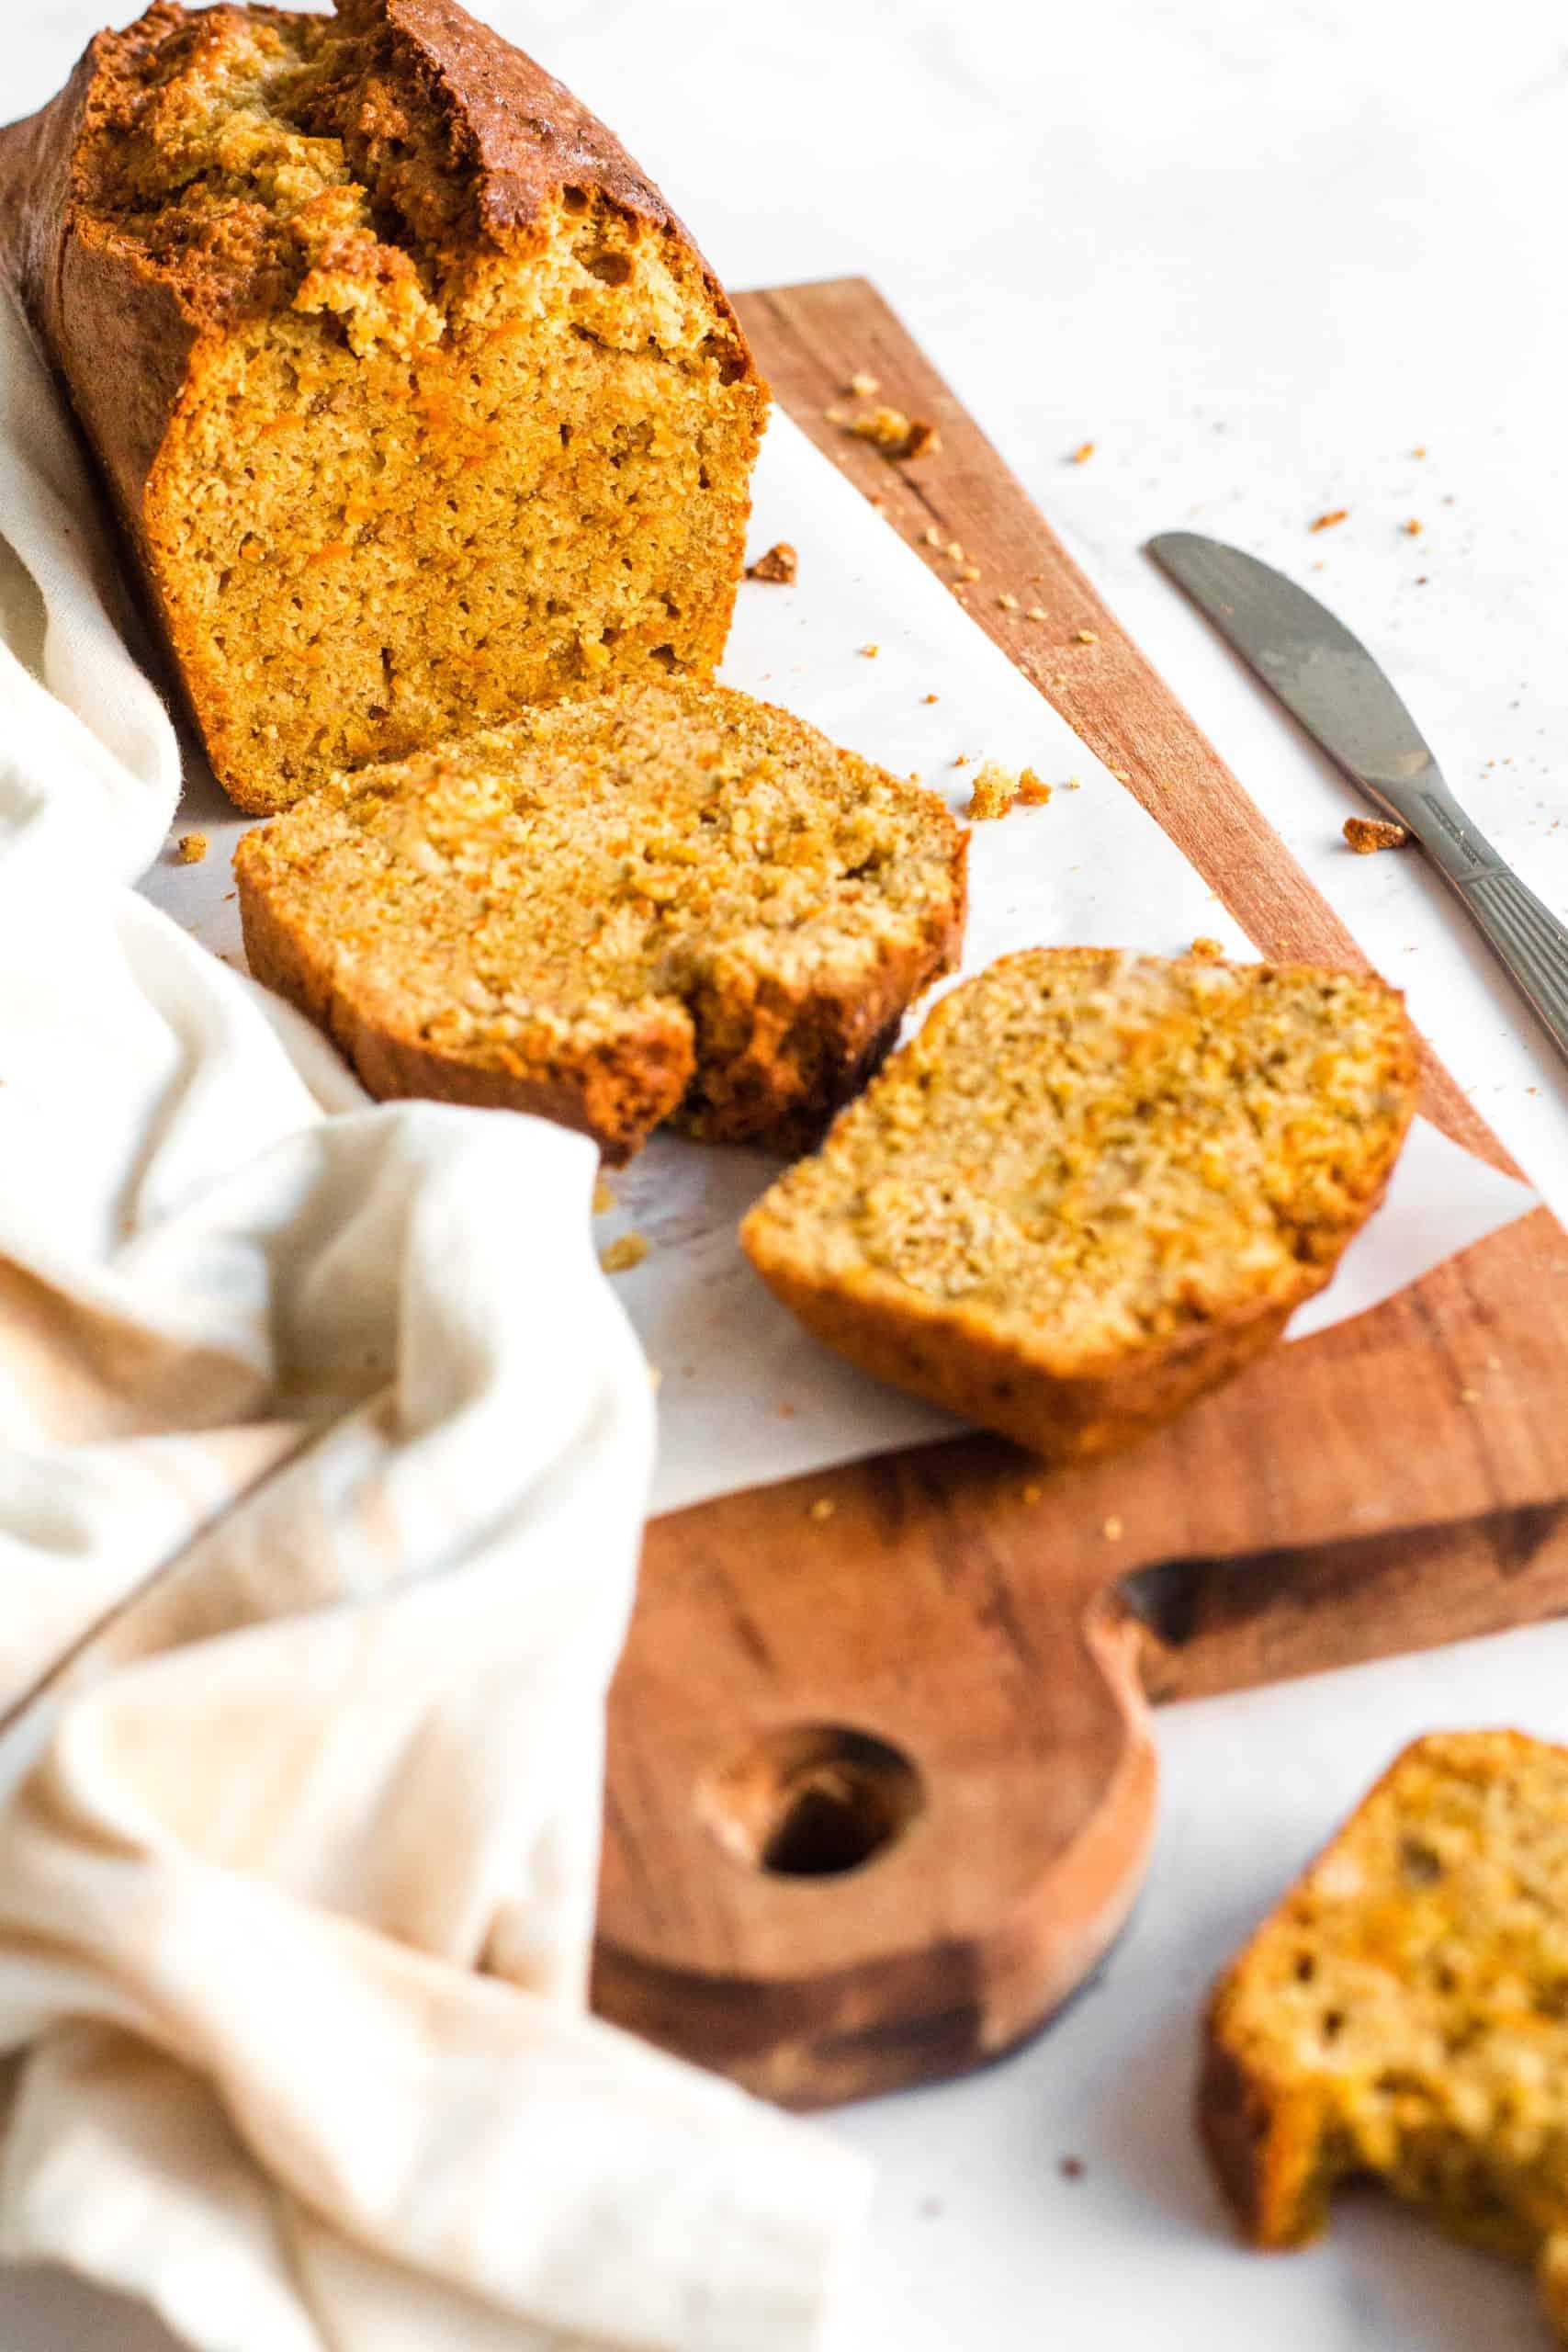 Gluten-free carrot cake bread sliced on a wooden board